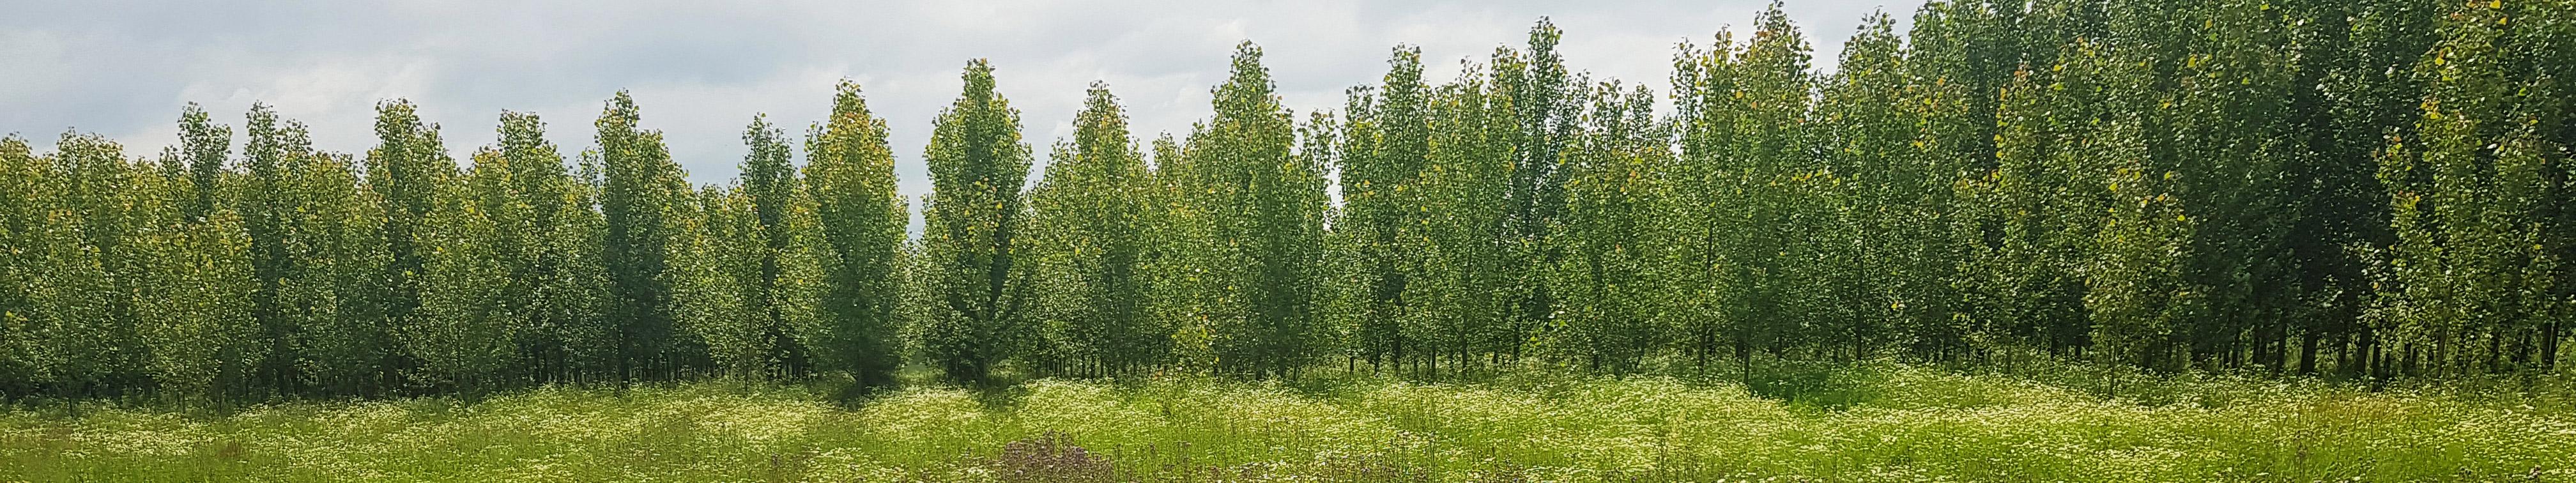 Poplar plantation with a green, flower-rich meadow